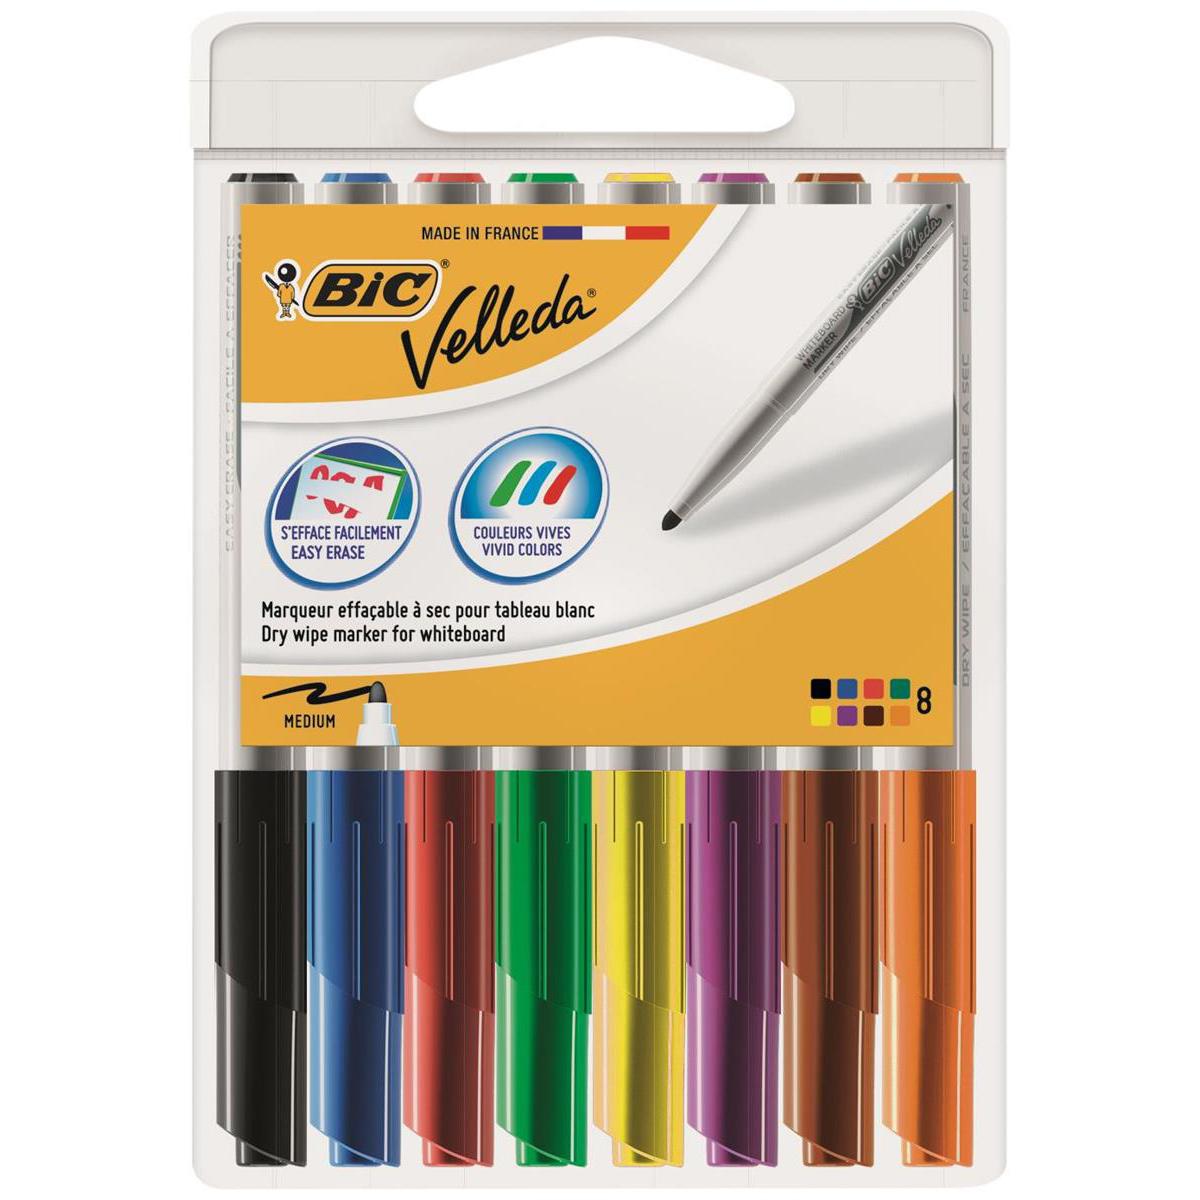 Bic Velleda Marker W/bd Dry-wipe 1741 Fine Bullet Tip 1.4mm Line Wallet Assorted Ref 1199001748 Pack 8